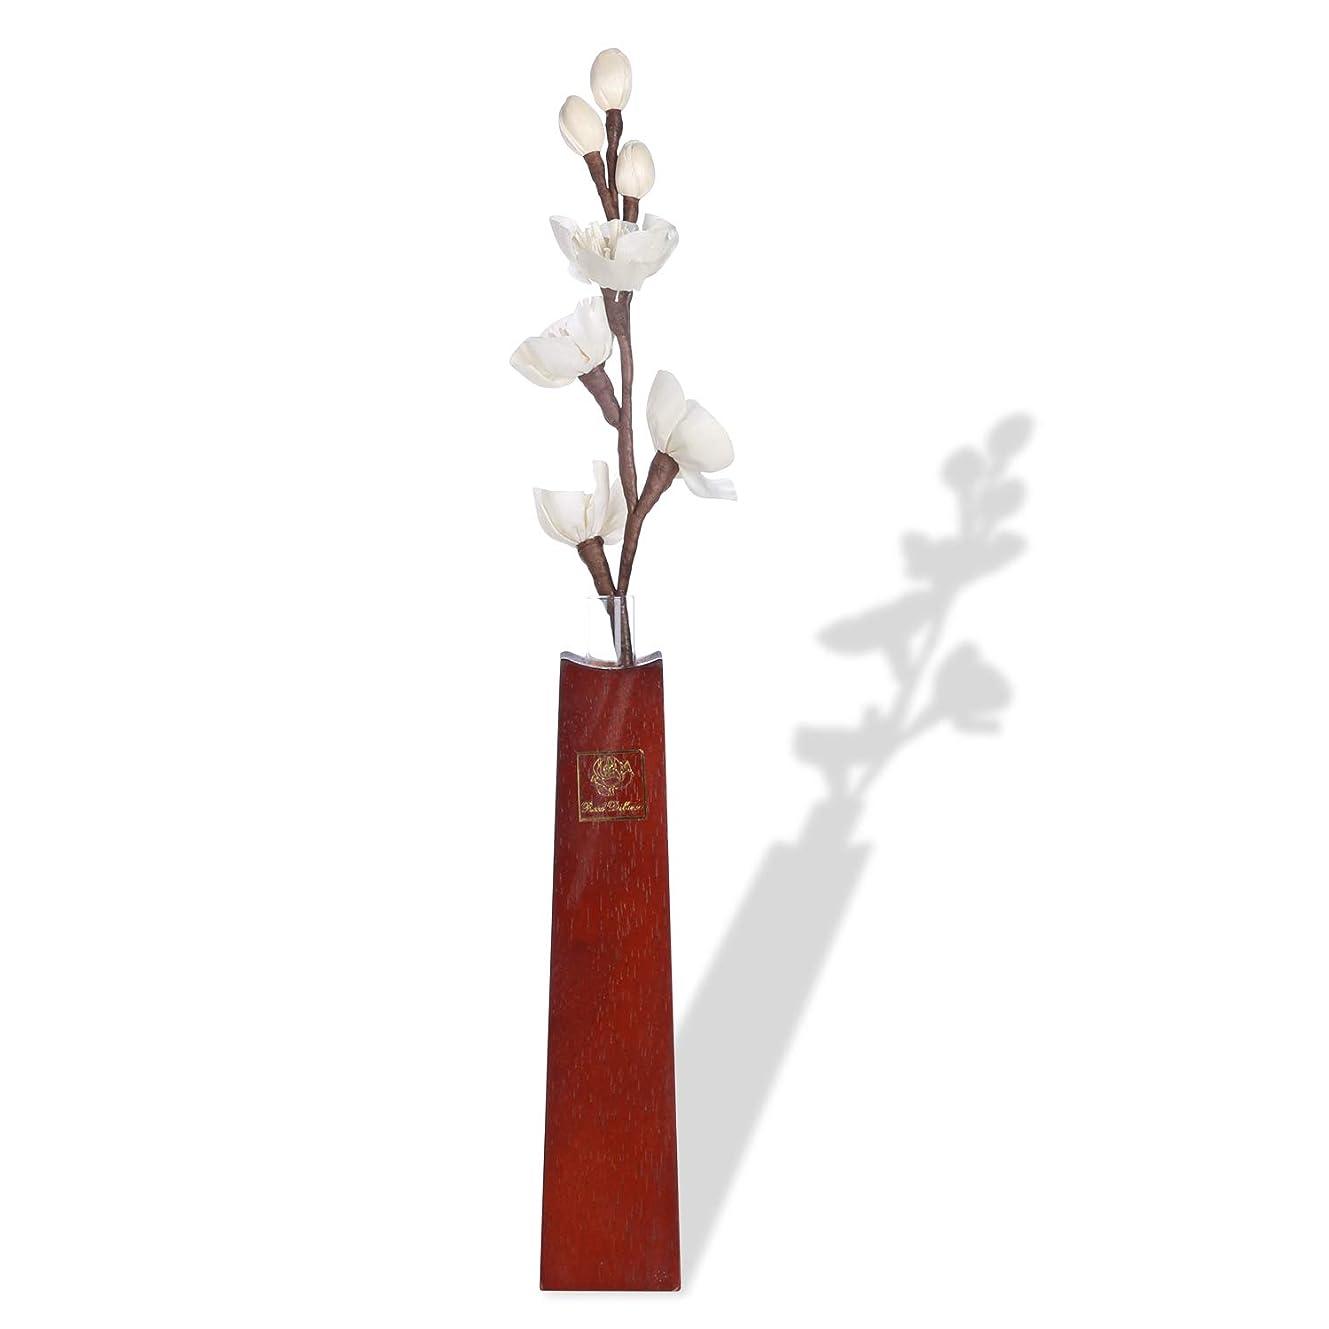 ポテト何十人もガイダンスルームフレグランス リードディフューザー 和風純木フラワーベース アロマ花瓶 と 一輪挿し紙製造花 (香料を含まない)